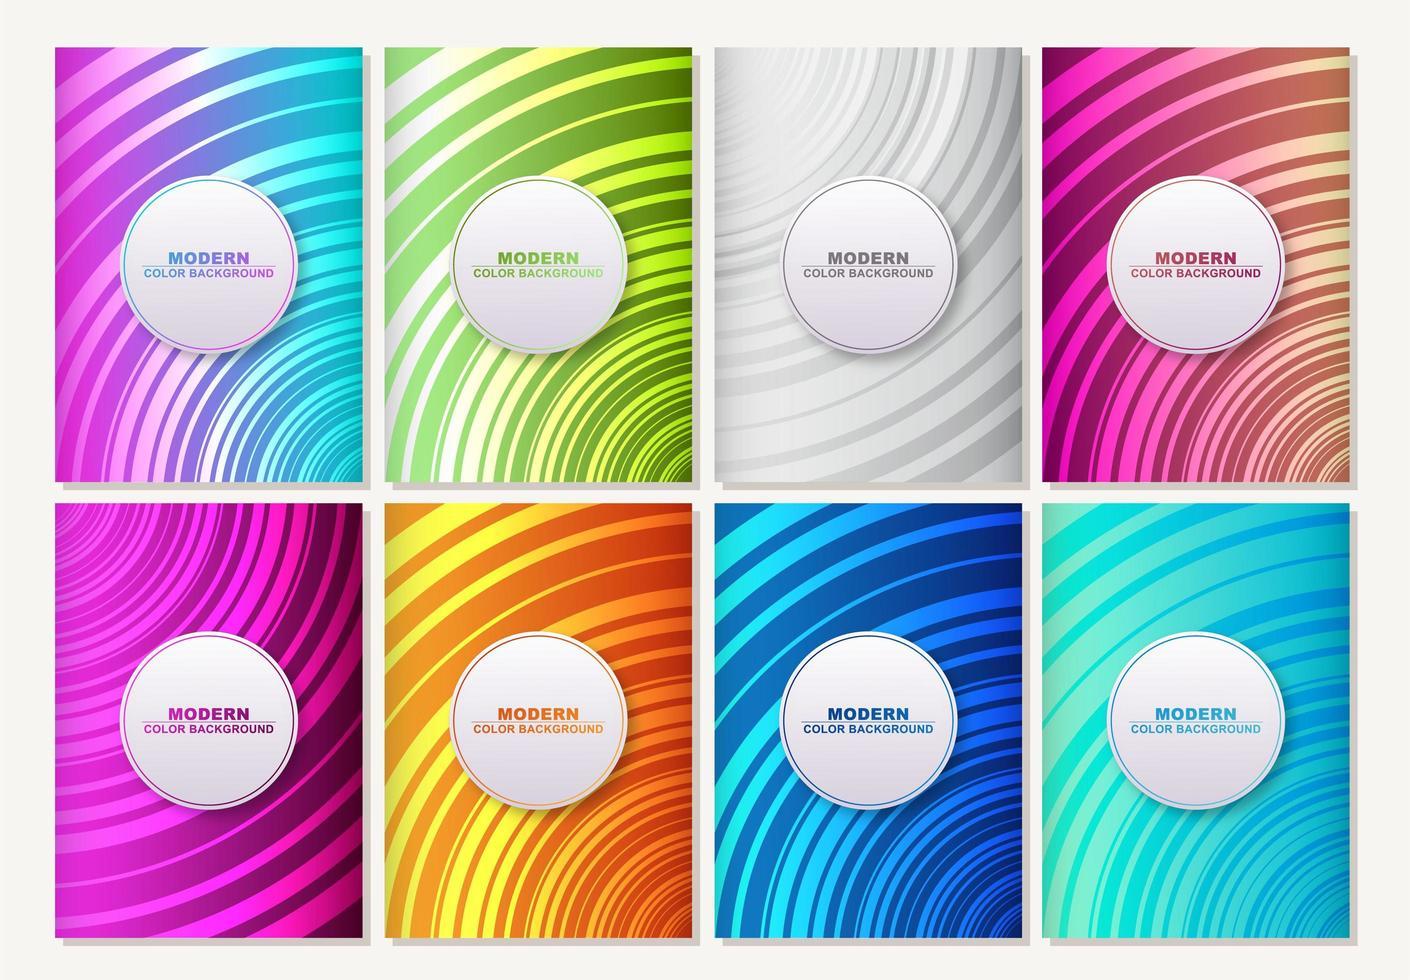 ensemble de motifs colorés abstraits rayés vecteur